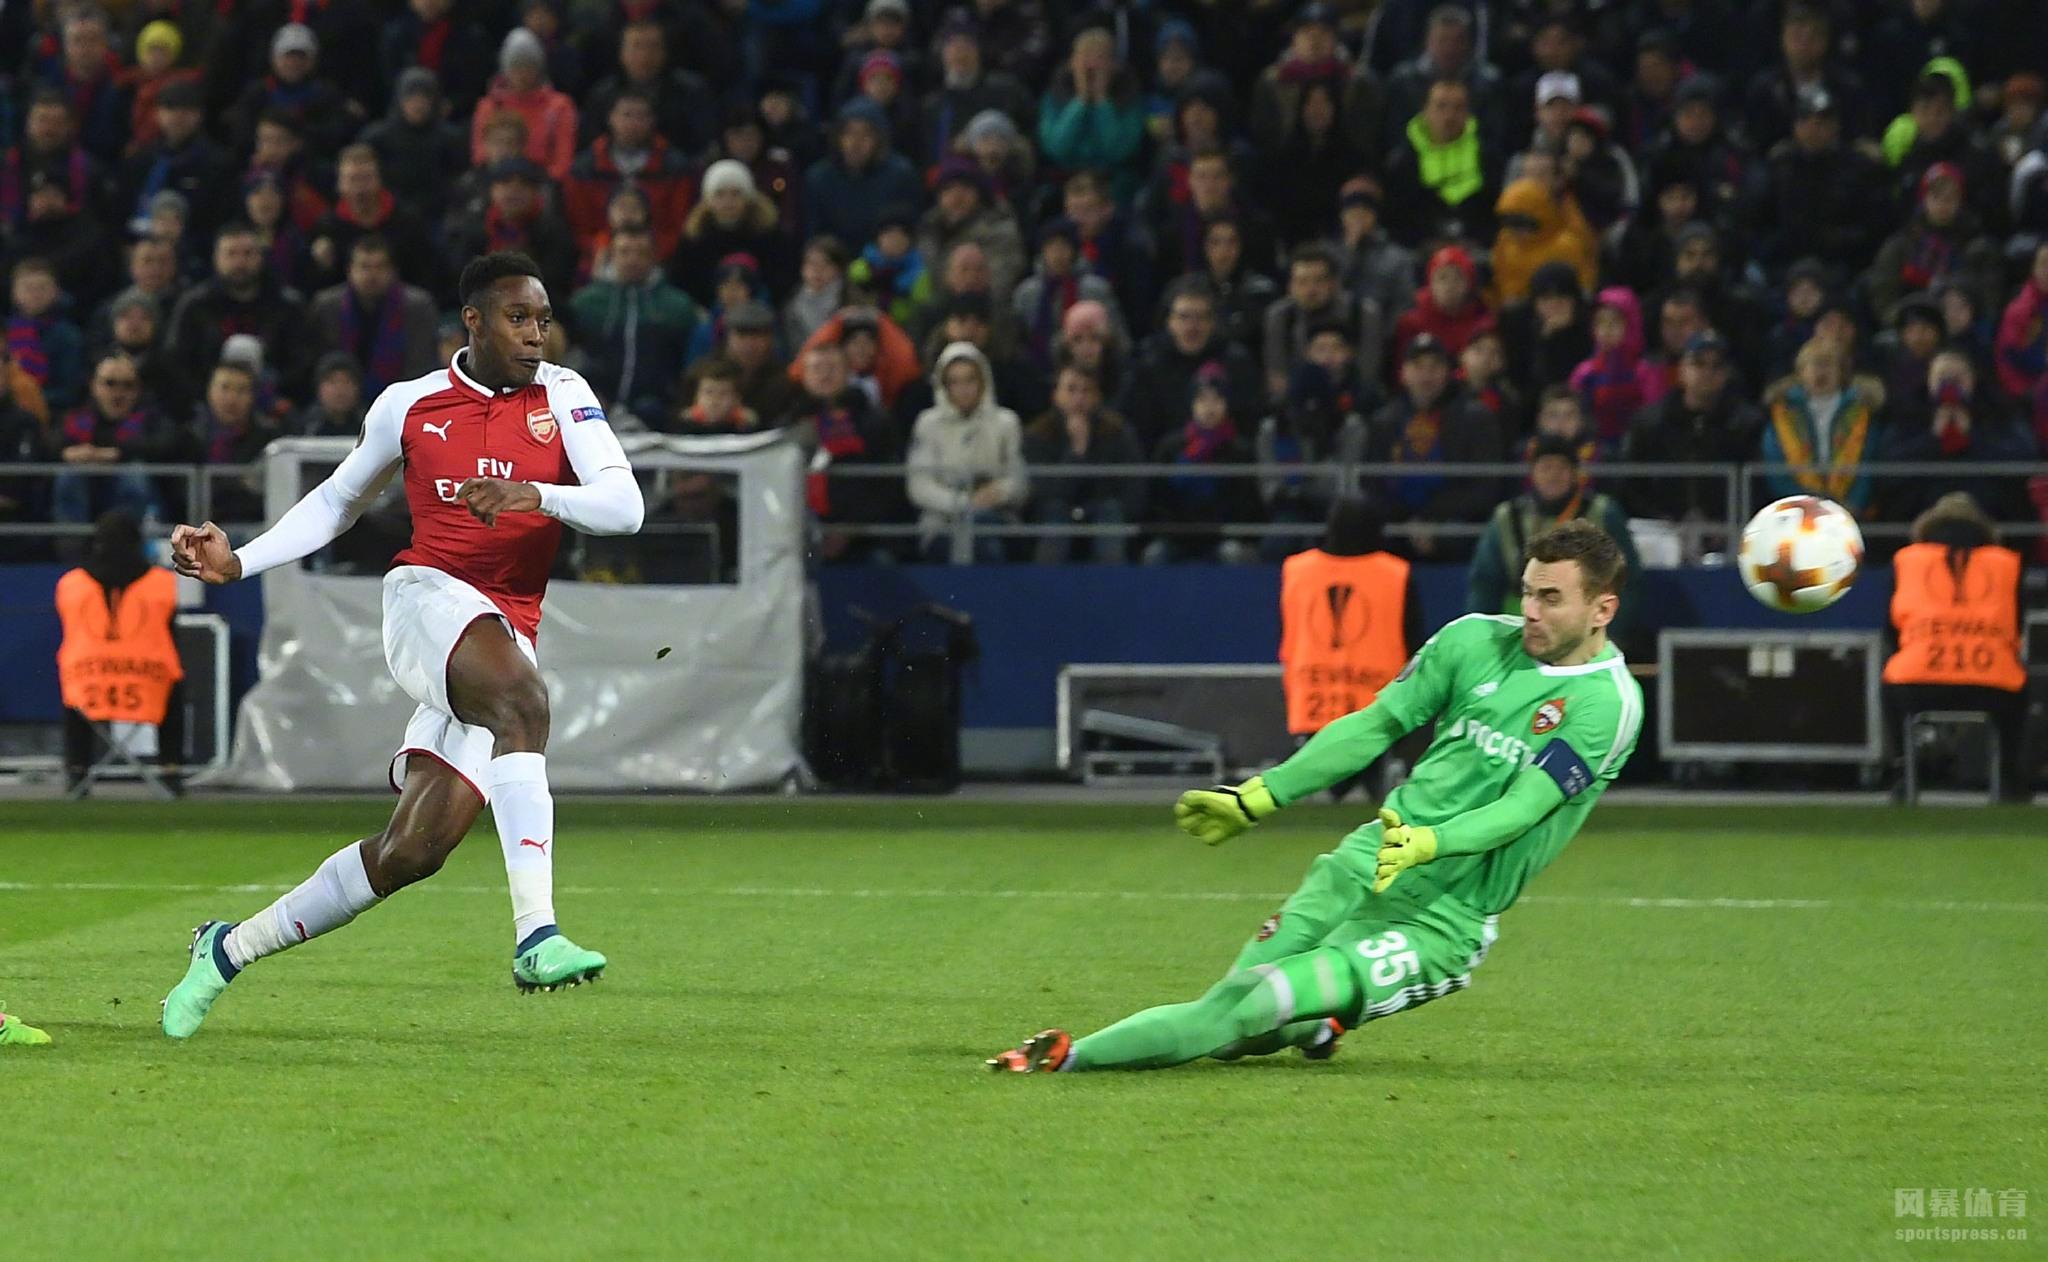 上半场比赛查洛夫率先破门,下半场比赛纳巴布金补射得手,维尔贝克扳回一城,补时阶段拉姆塞破门将比分扳平,最终全场比赛结束,阿森纳客场2-2战平莫斯科中央陆军。两回合战罢,阿森纳以6-3的总比分成功晋级欧联杯4强。